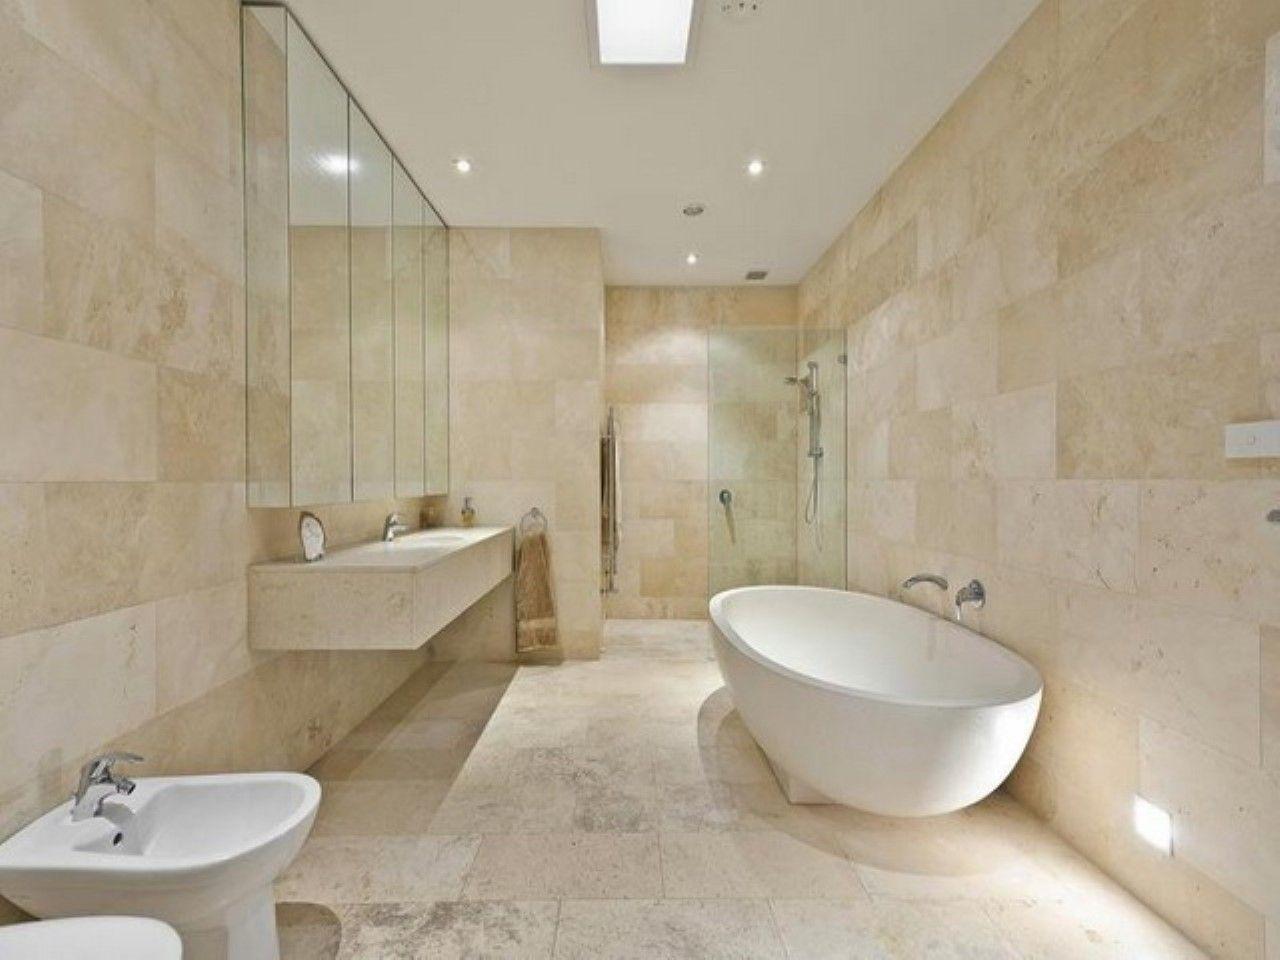 Travertin Tegels Badkamer : Badkamer